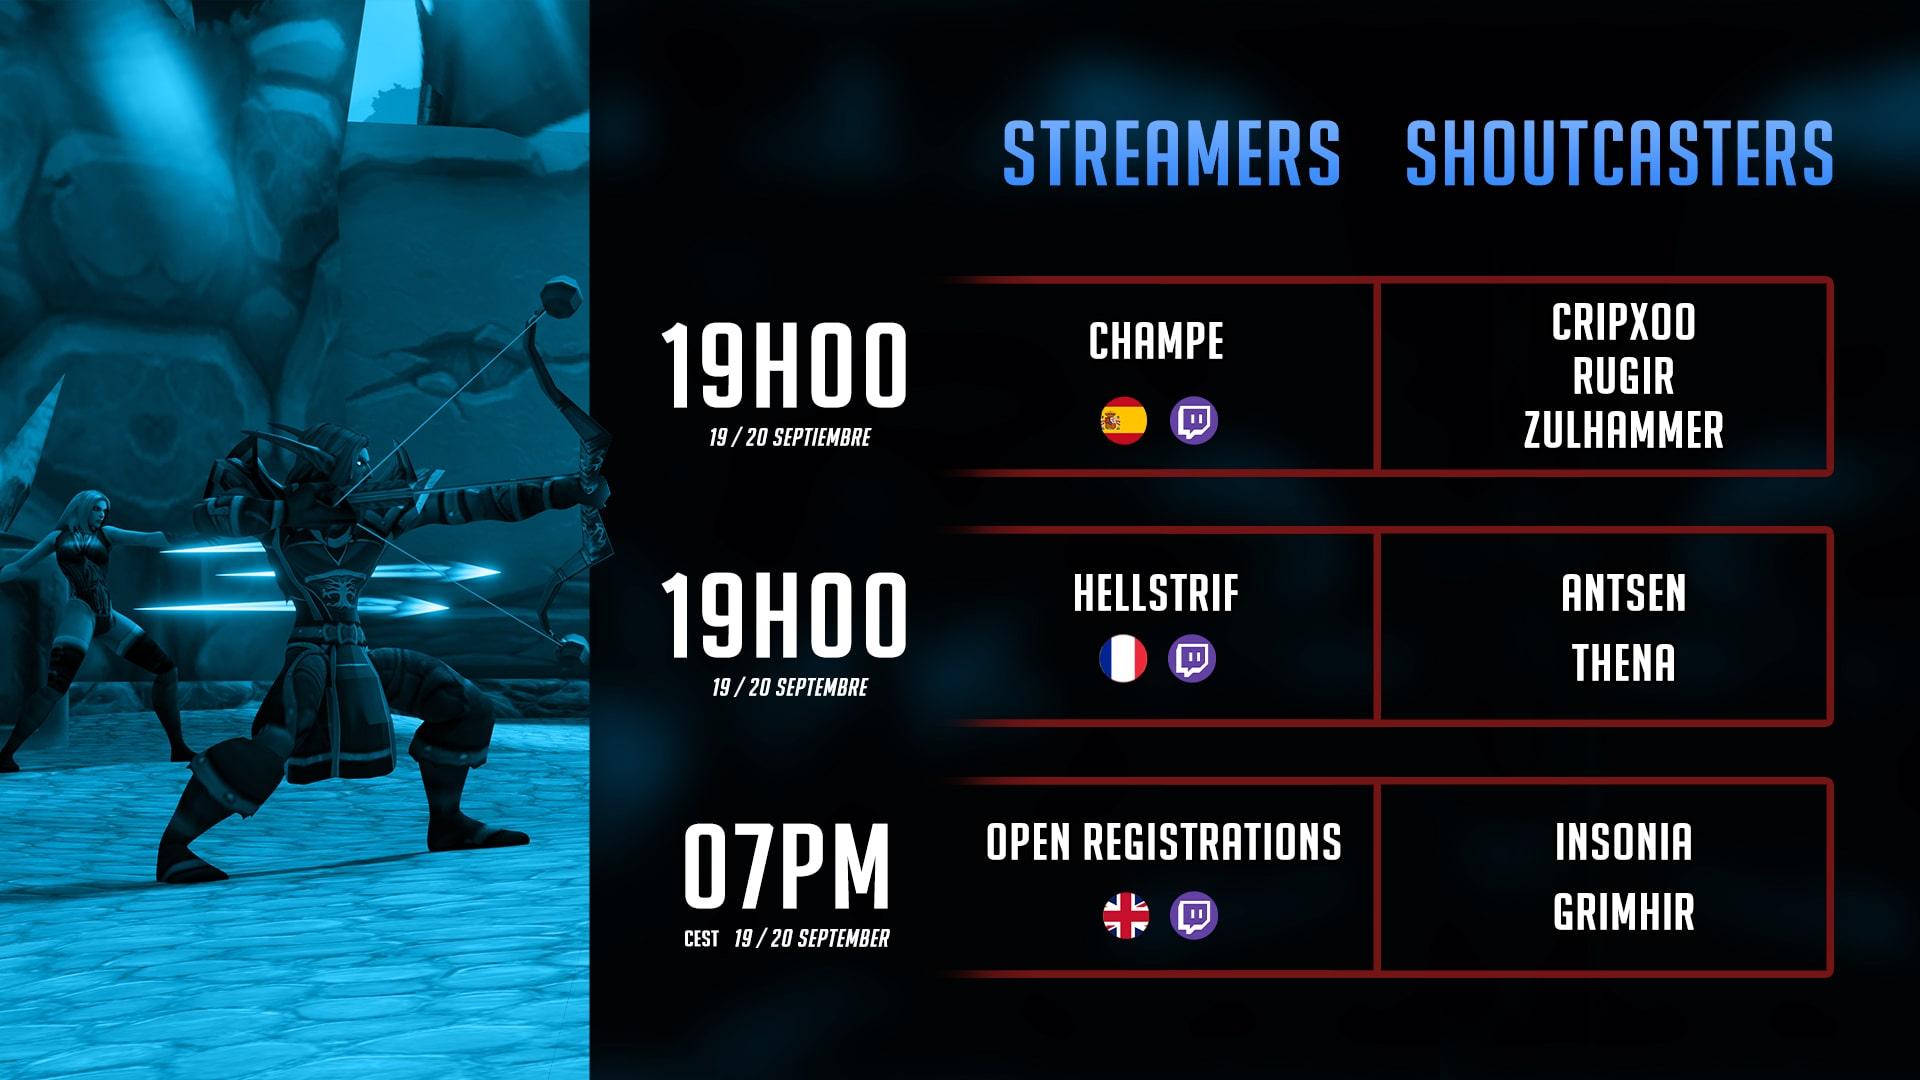 Suivez l'événement sur les différents streams en espagnol, en français ou bien encore en anglais